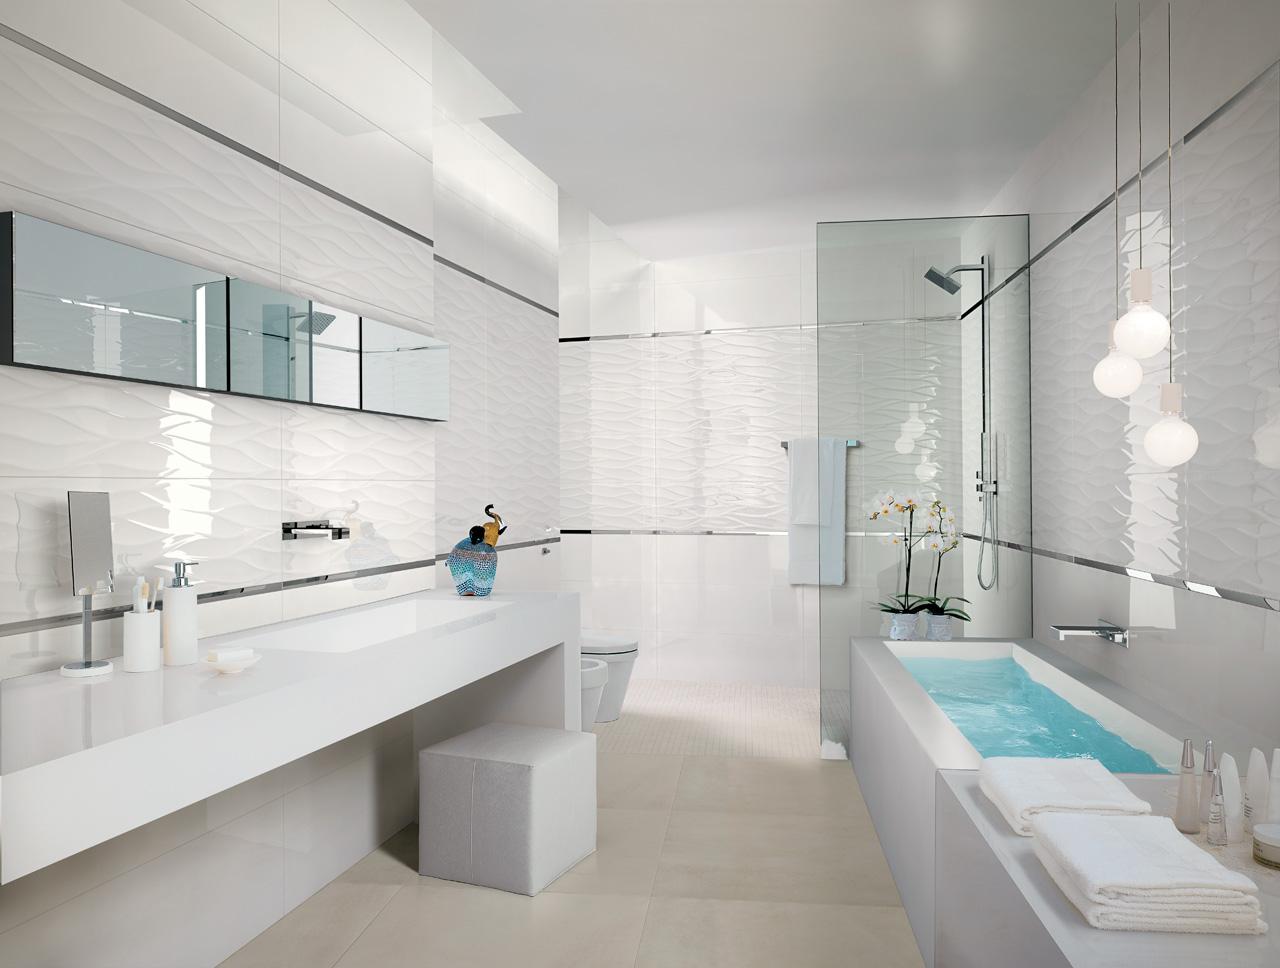 baños-4